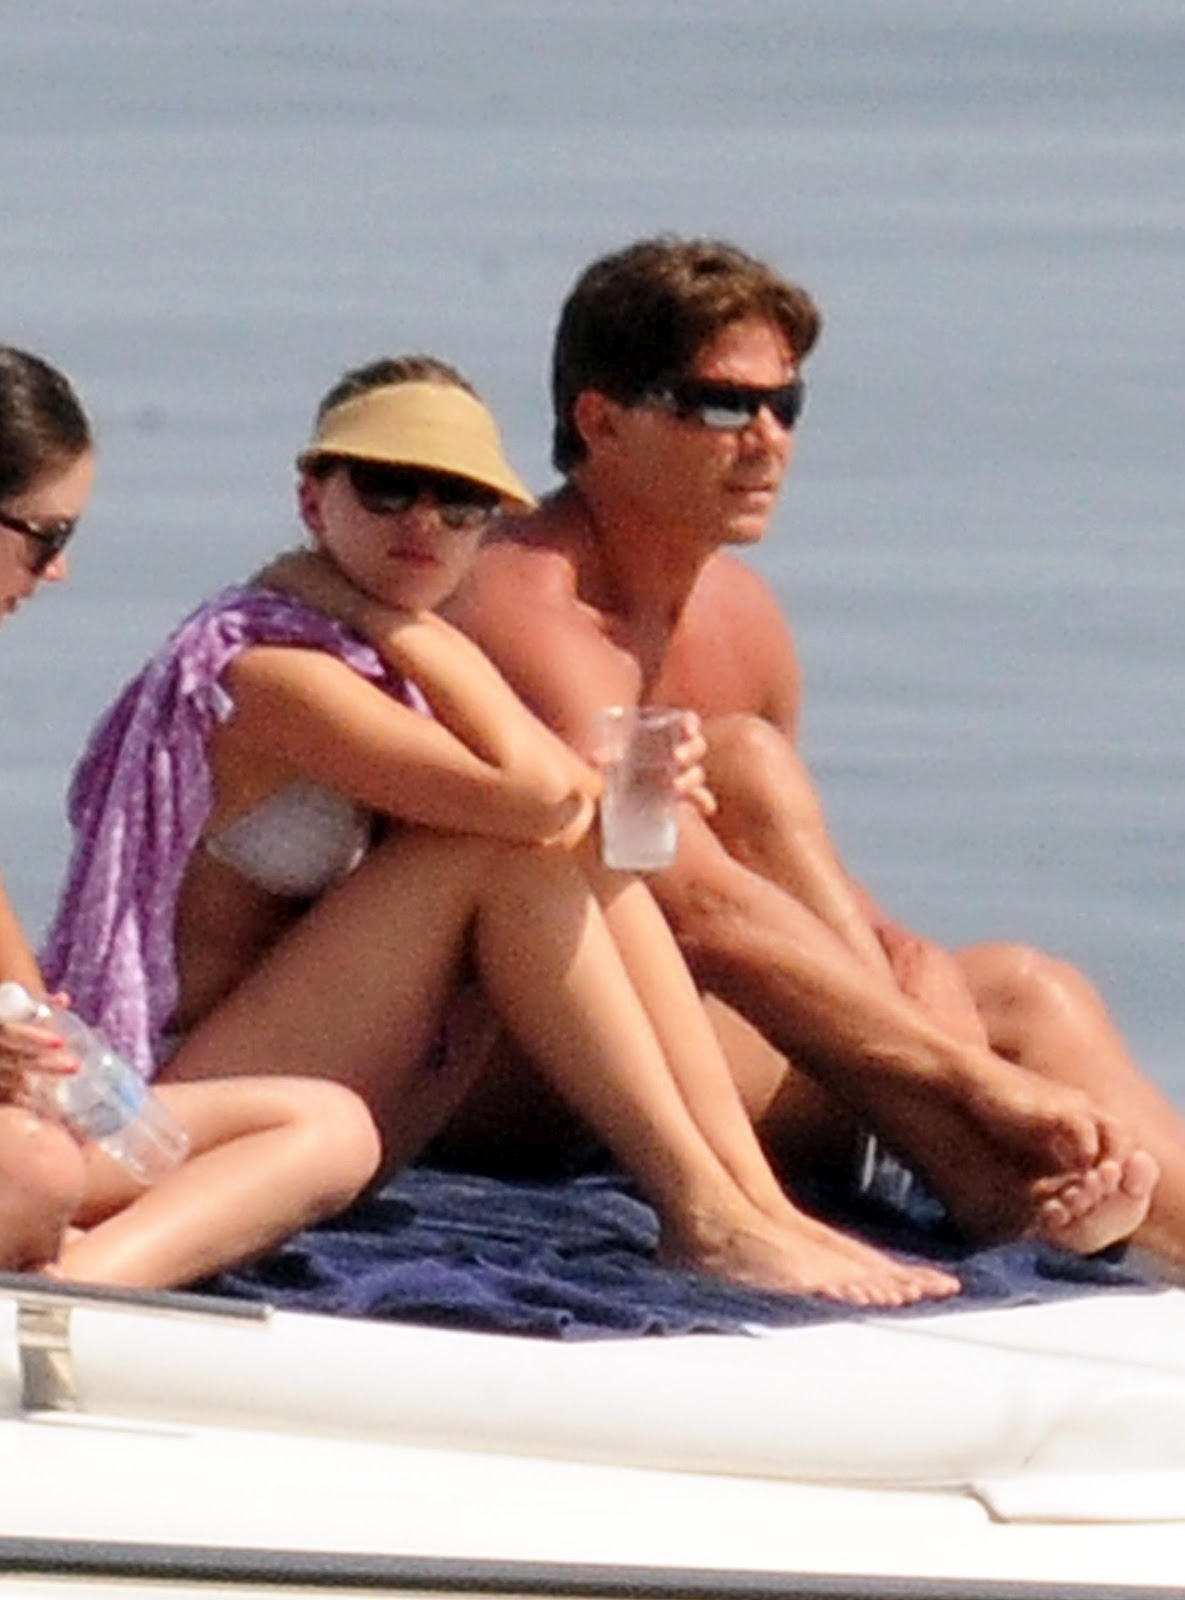 http://4.bp.blogspot.com/-74eMk2INtEM/T_yZDE2Uf8I/AAAAAAAAKbg/kZBnE25XdRY/s1600/scarlett_johansson_white_july_bikini_4.jpg